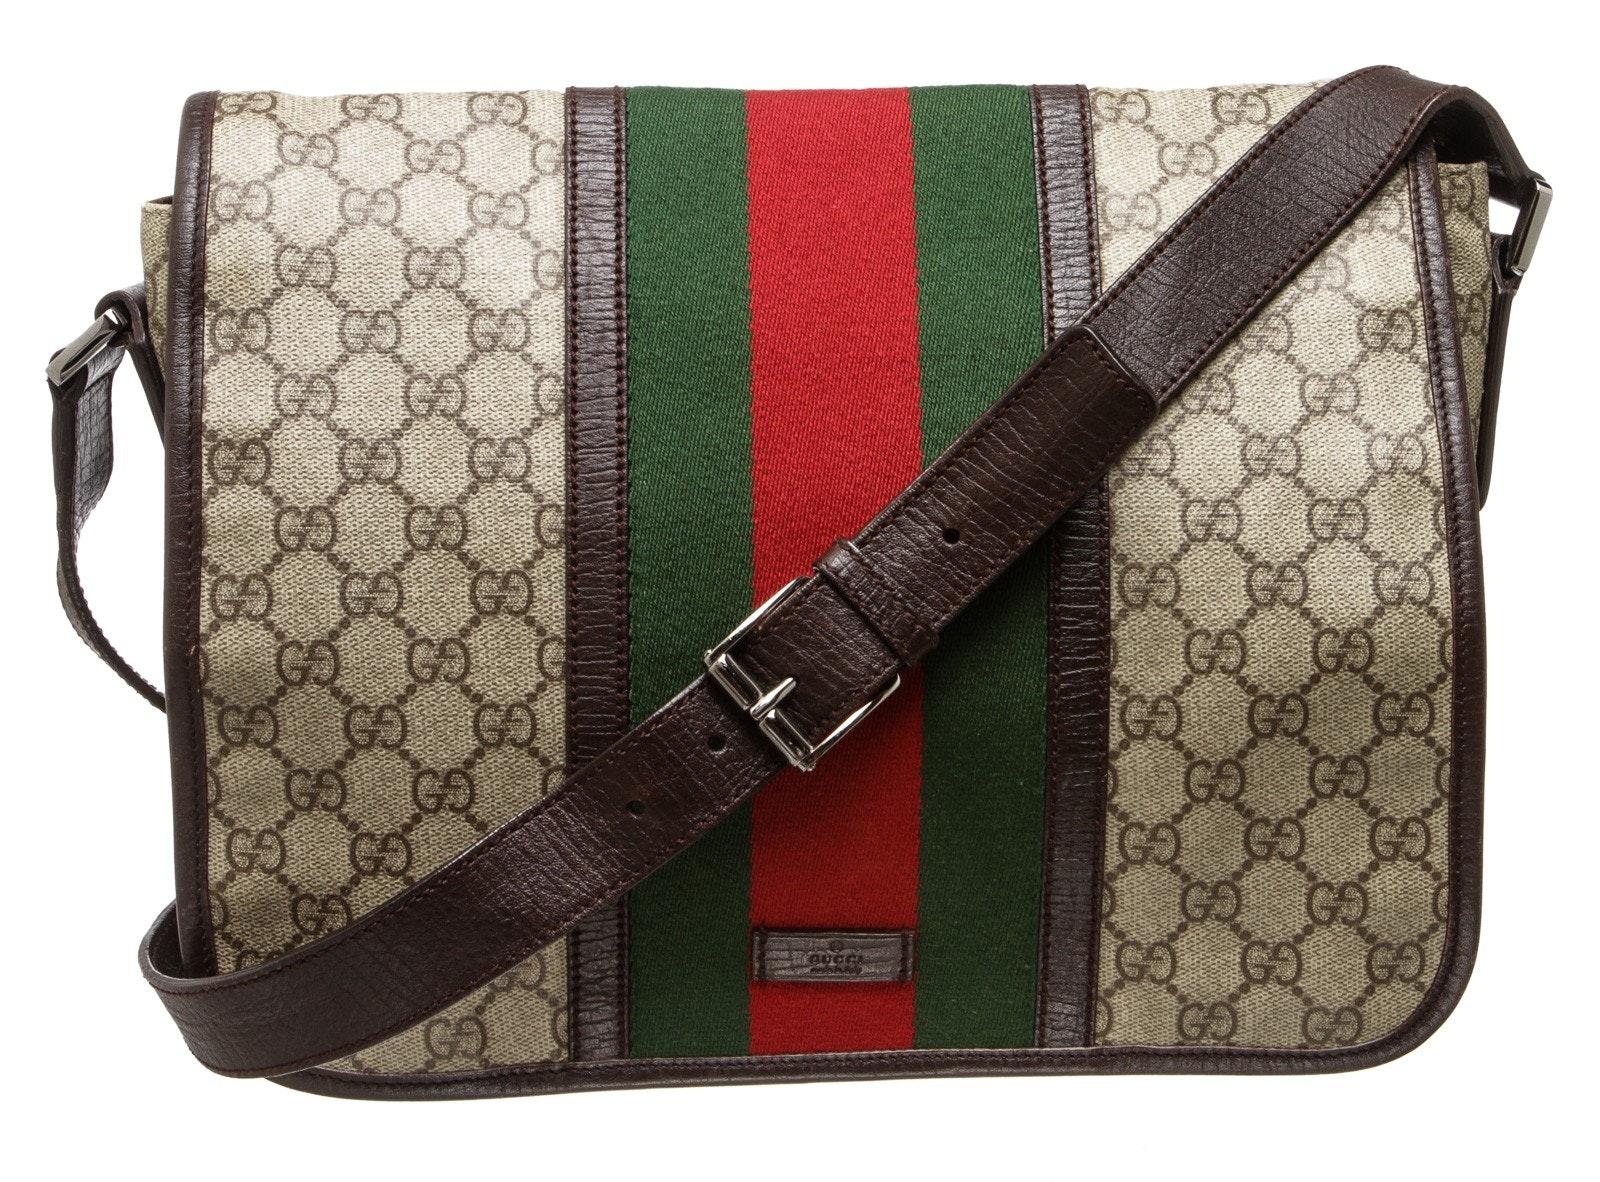 Gucci Messenger Crossbody GG Supreme Monogram Adjustable Shoulder Strap Brown/Green/Red